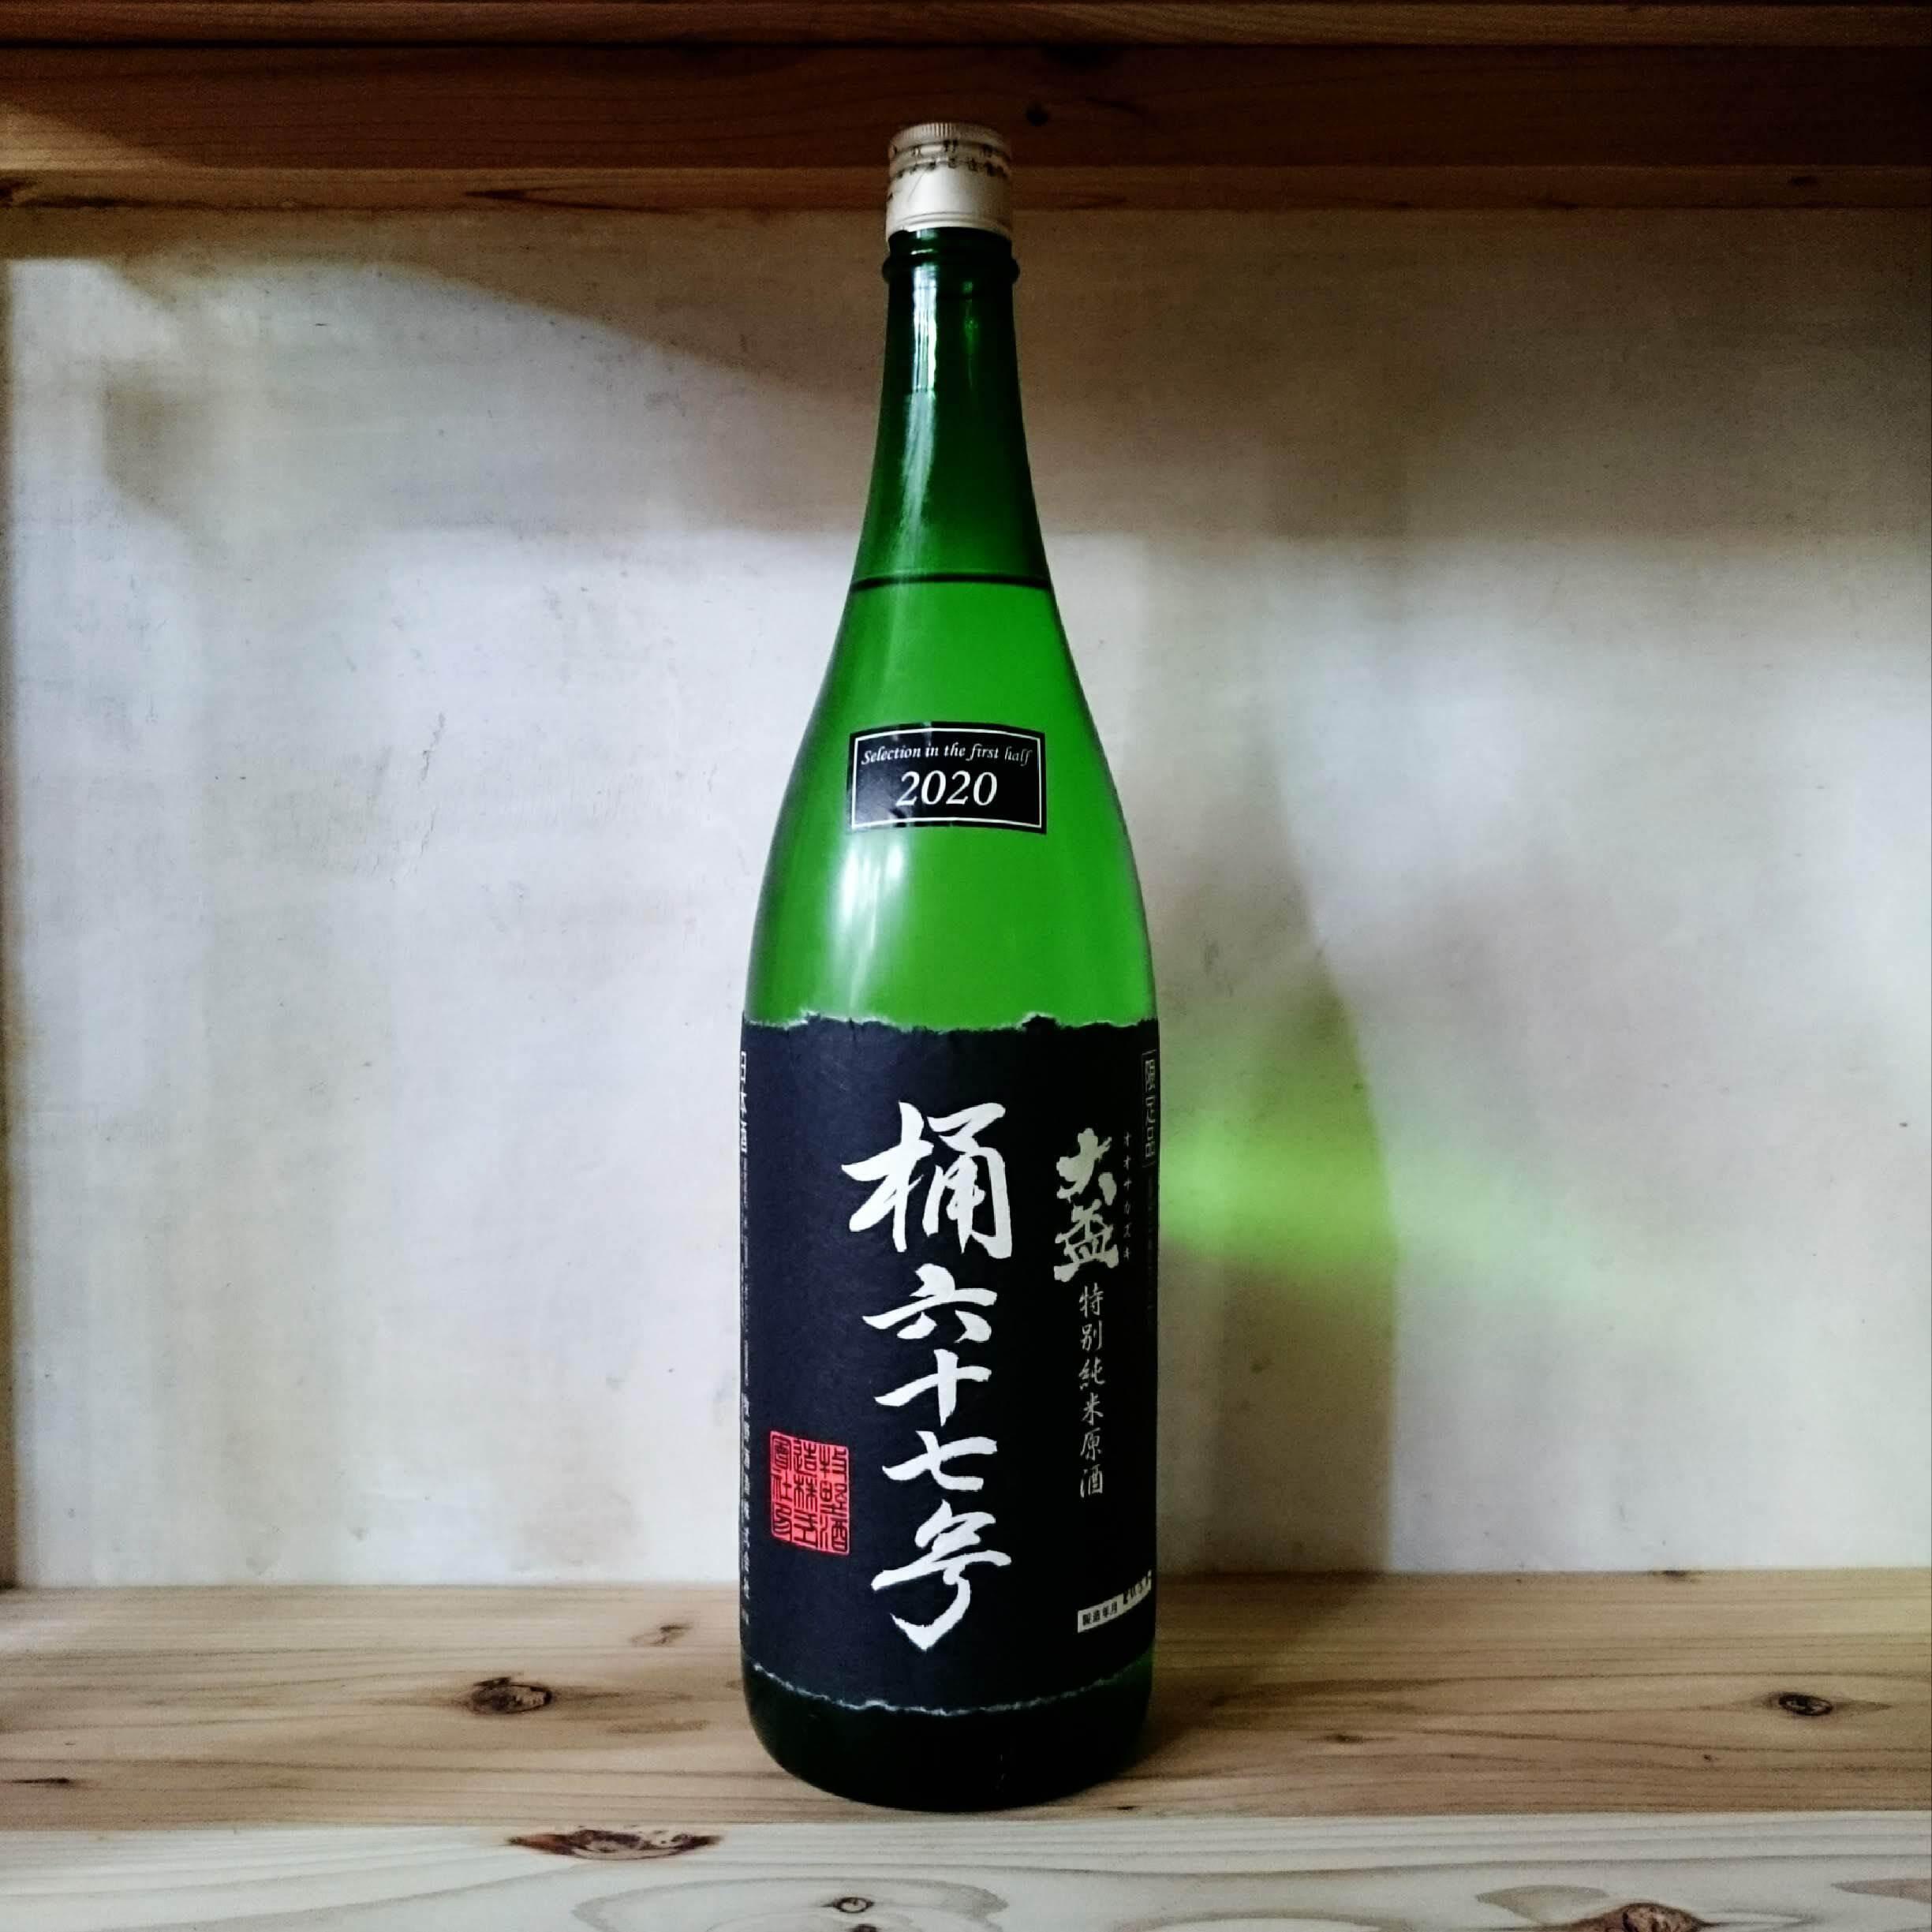 大盃 特別純米原酒 桶六十七号 720ml